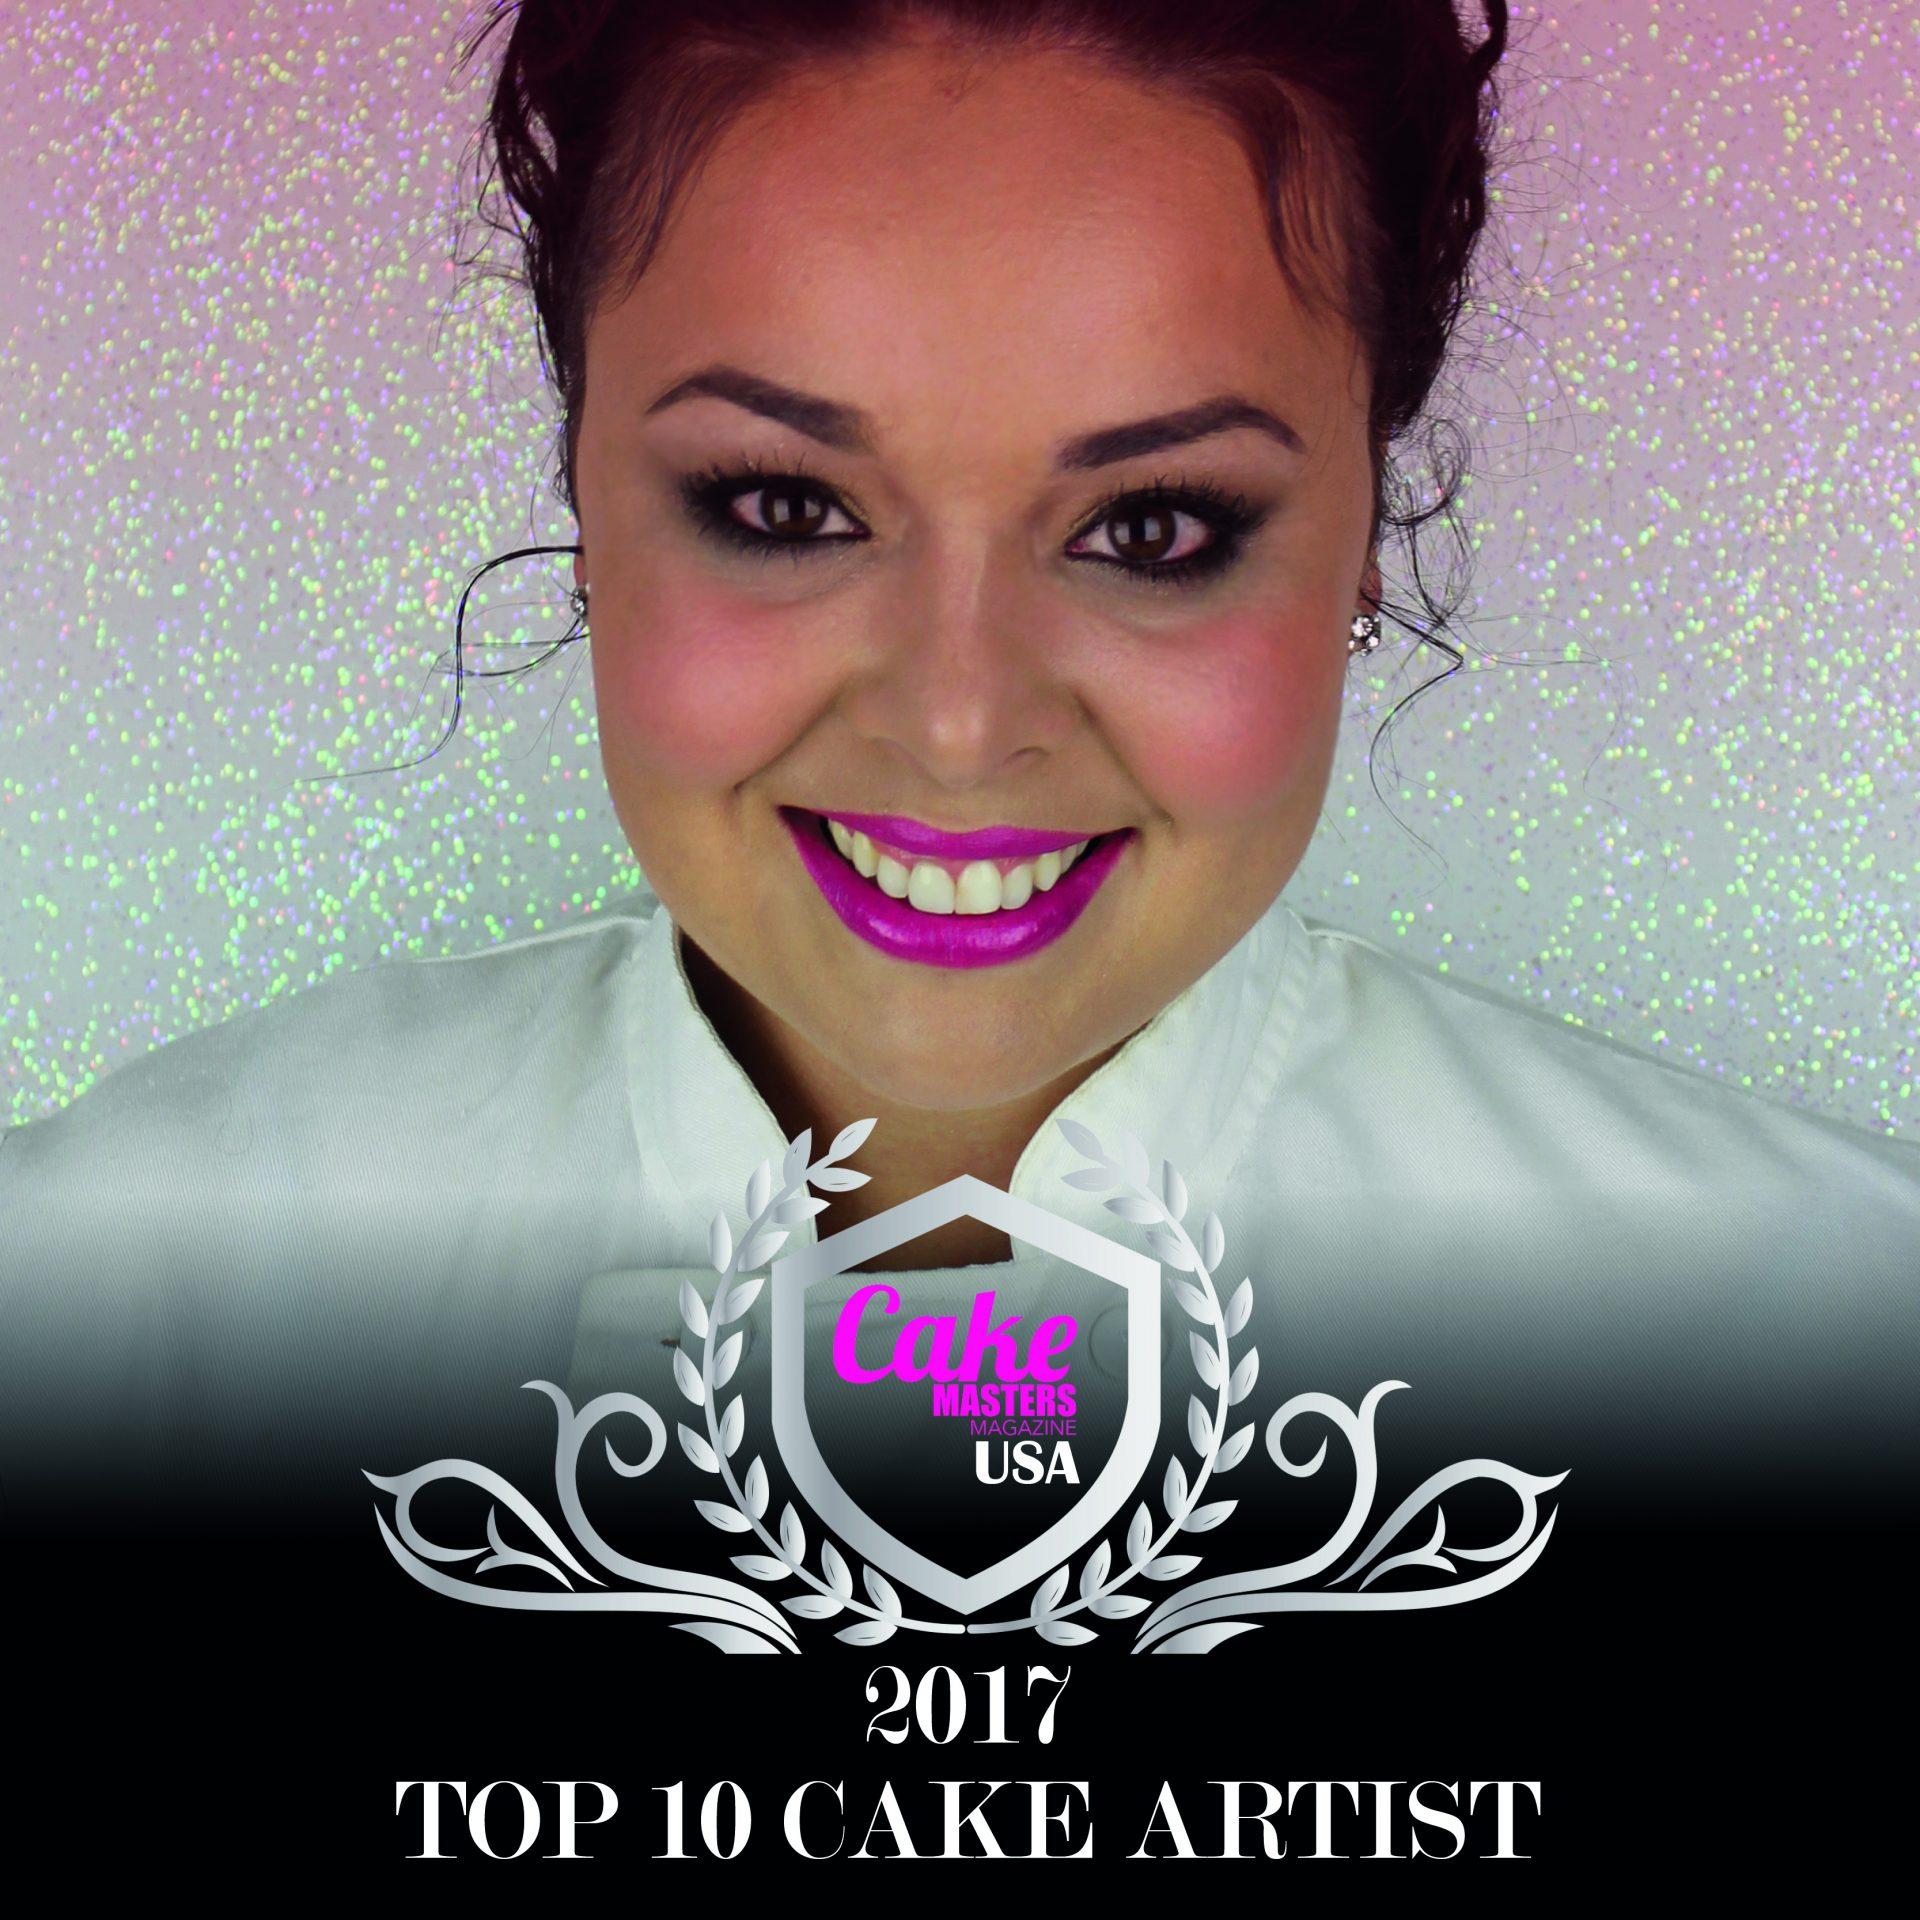 Benny Rivera Cake Artist : Cake Masters Magazine USA   2017 Top 10 Cake Artist Cake ...